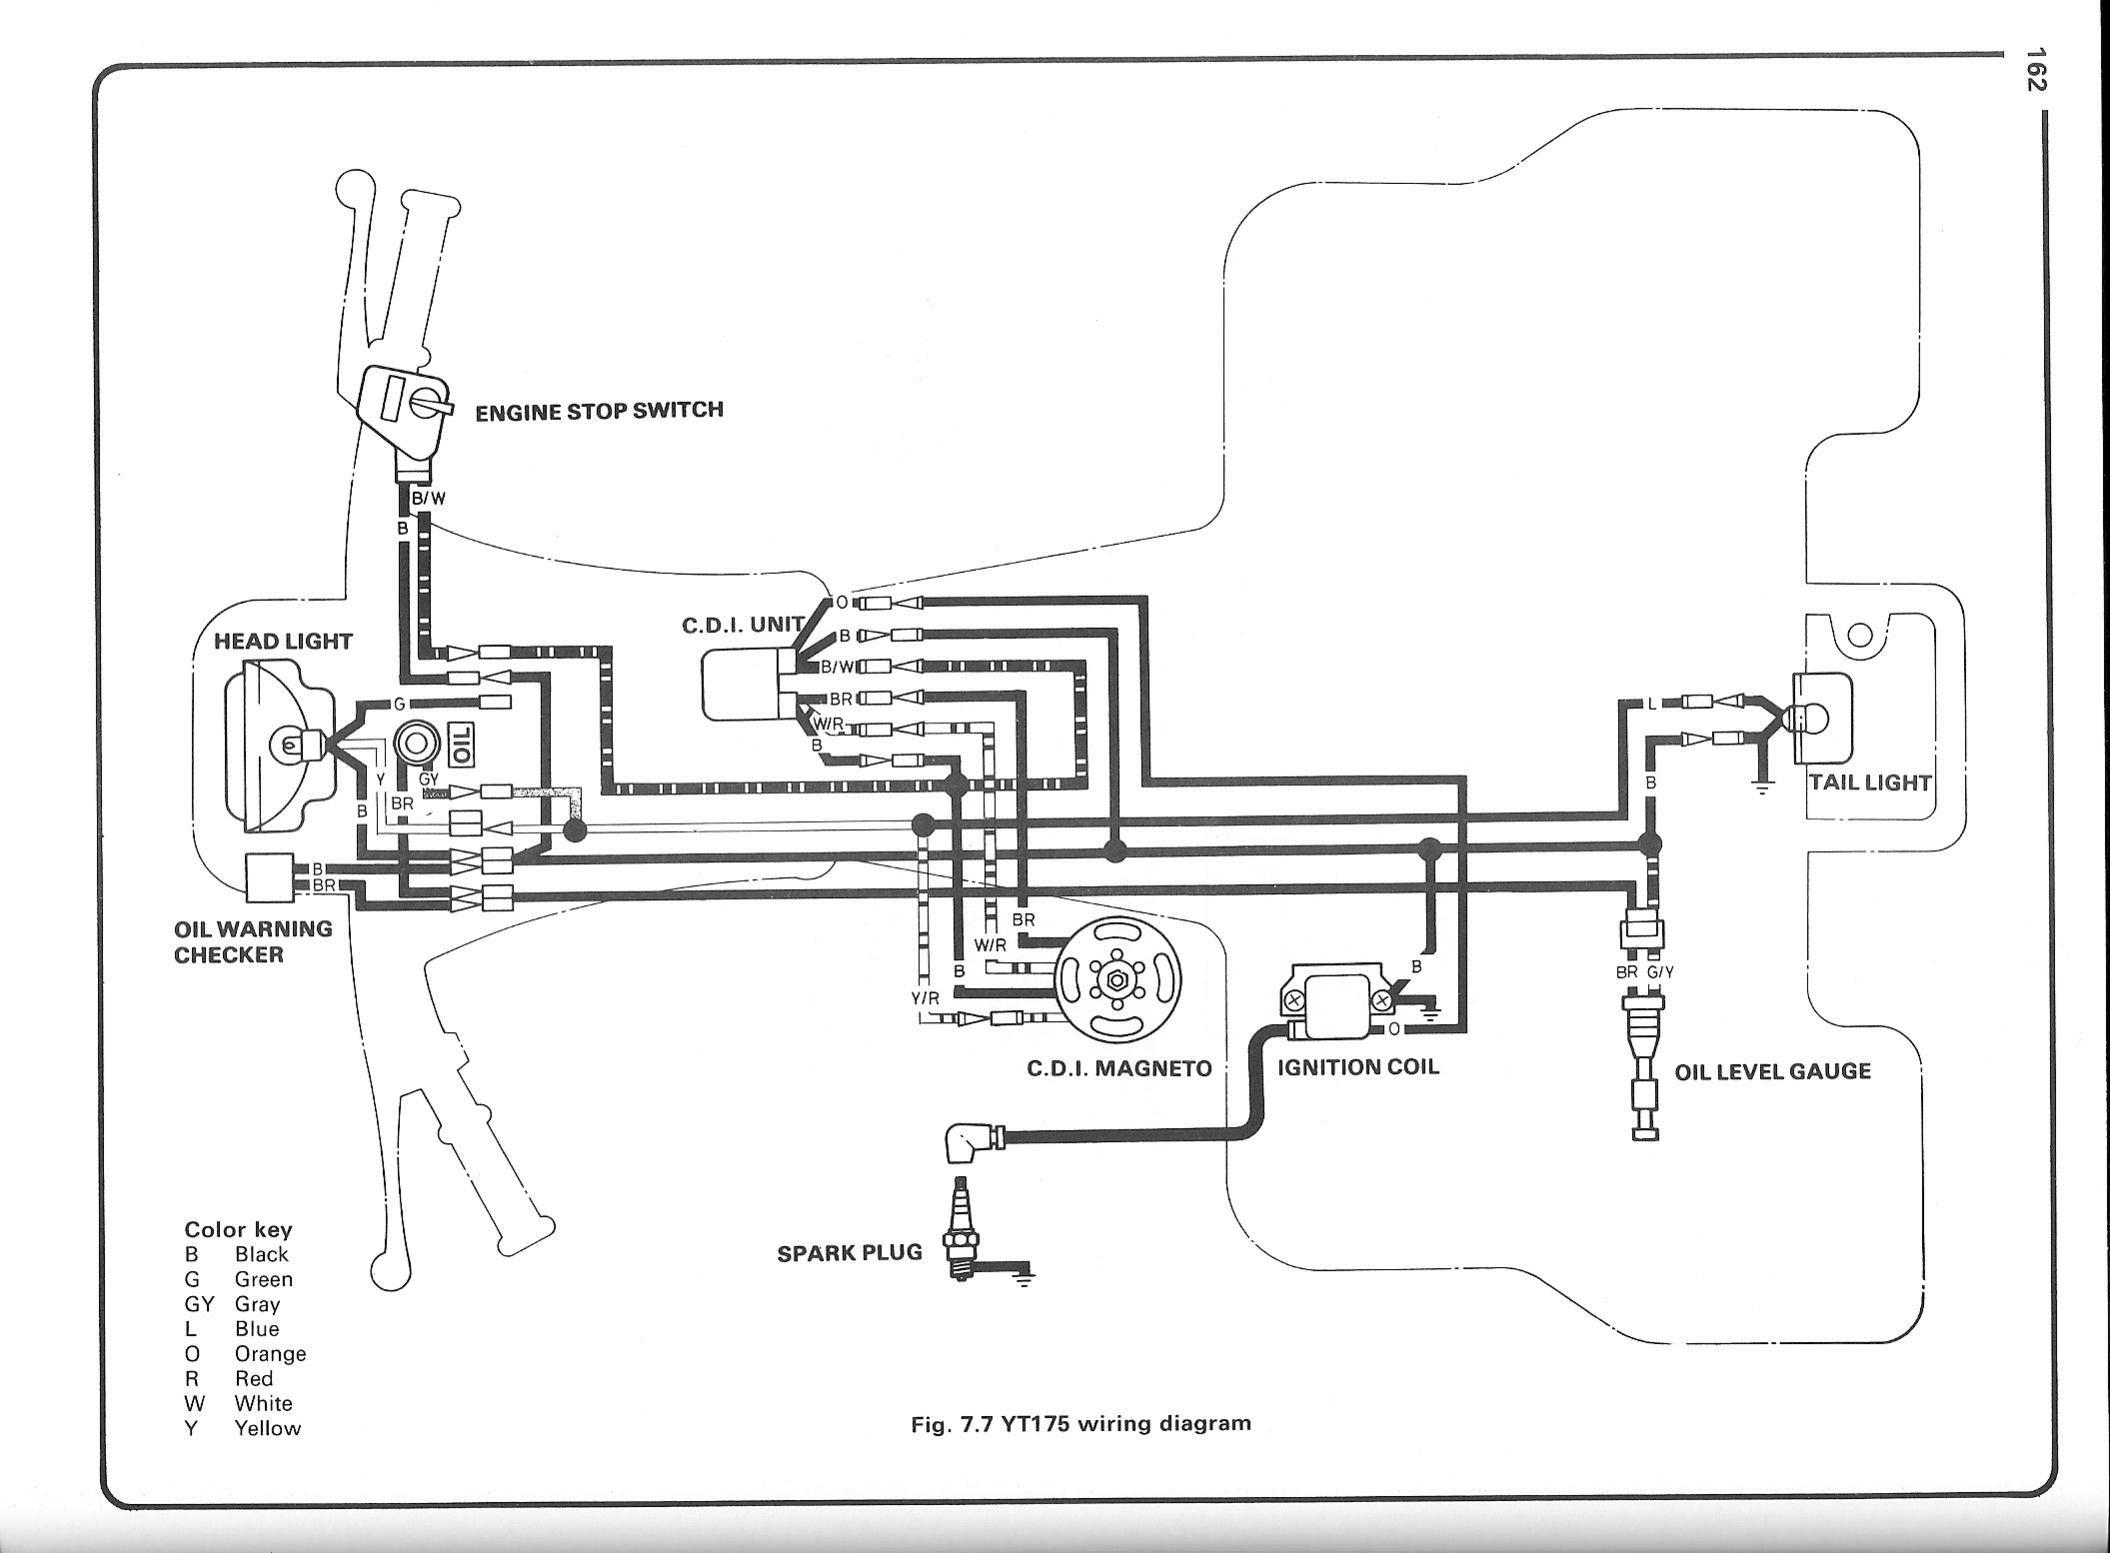 Unique Yamaha Moto 4 Wiring Diagram In 2020 Electrical Wiring Diagram Yamaha Diagram